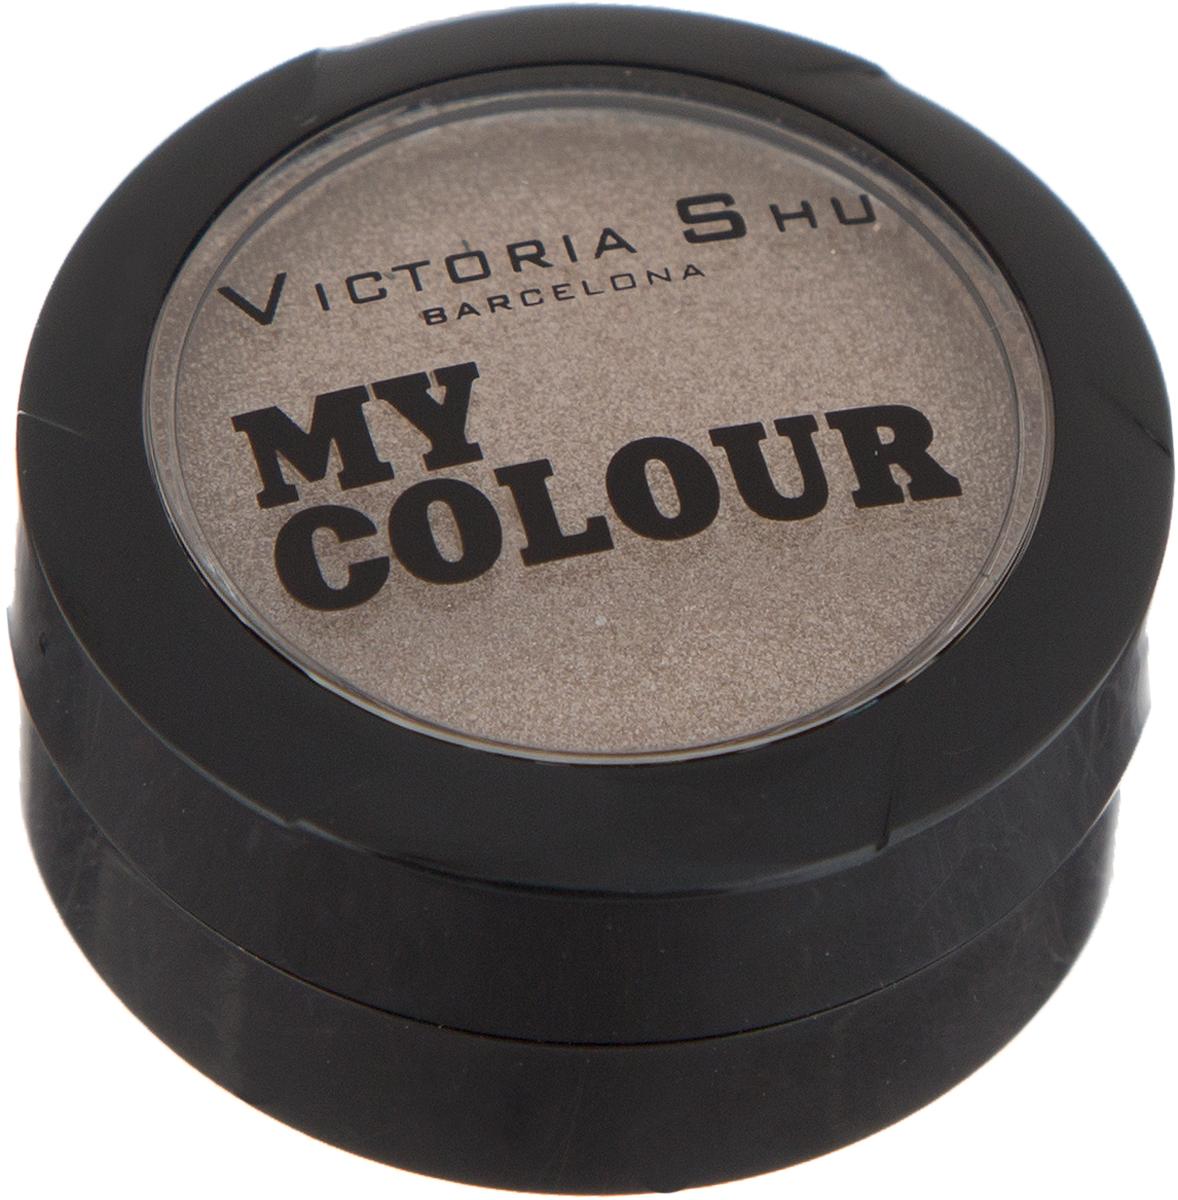 Victoria Shu Тени для век My Colour, тон № 515, 2,5 г929V15509Десять потрясающих, новых ярких оттенков создают на веке эффект атласного сияния и придают взгляду магнетизм, глубину, силу и загадочность. Обладают нежной, насыщенной текстурой, полученной путем специального прессования. Дарят ощущение праздника, помогая создавать потрясающие макияжи и очаровывать всех вокруг.